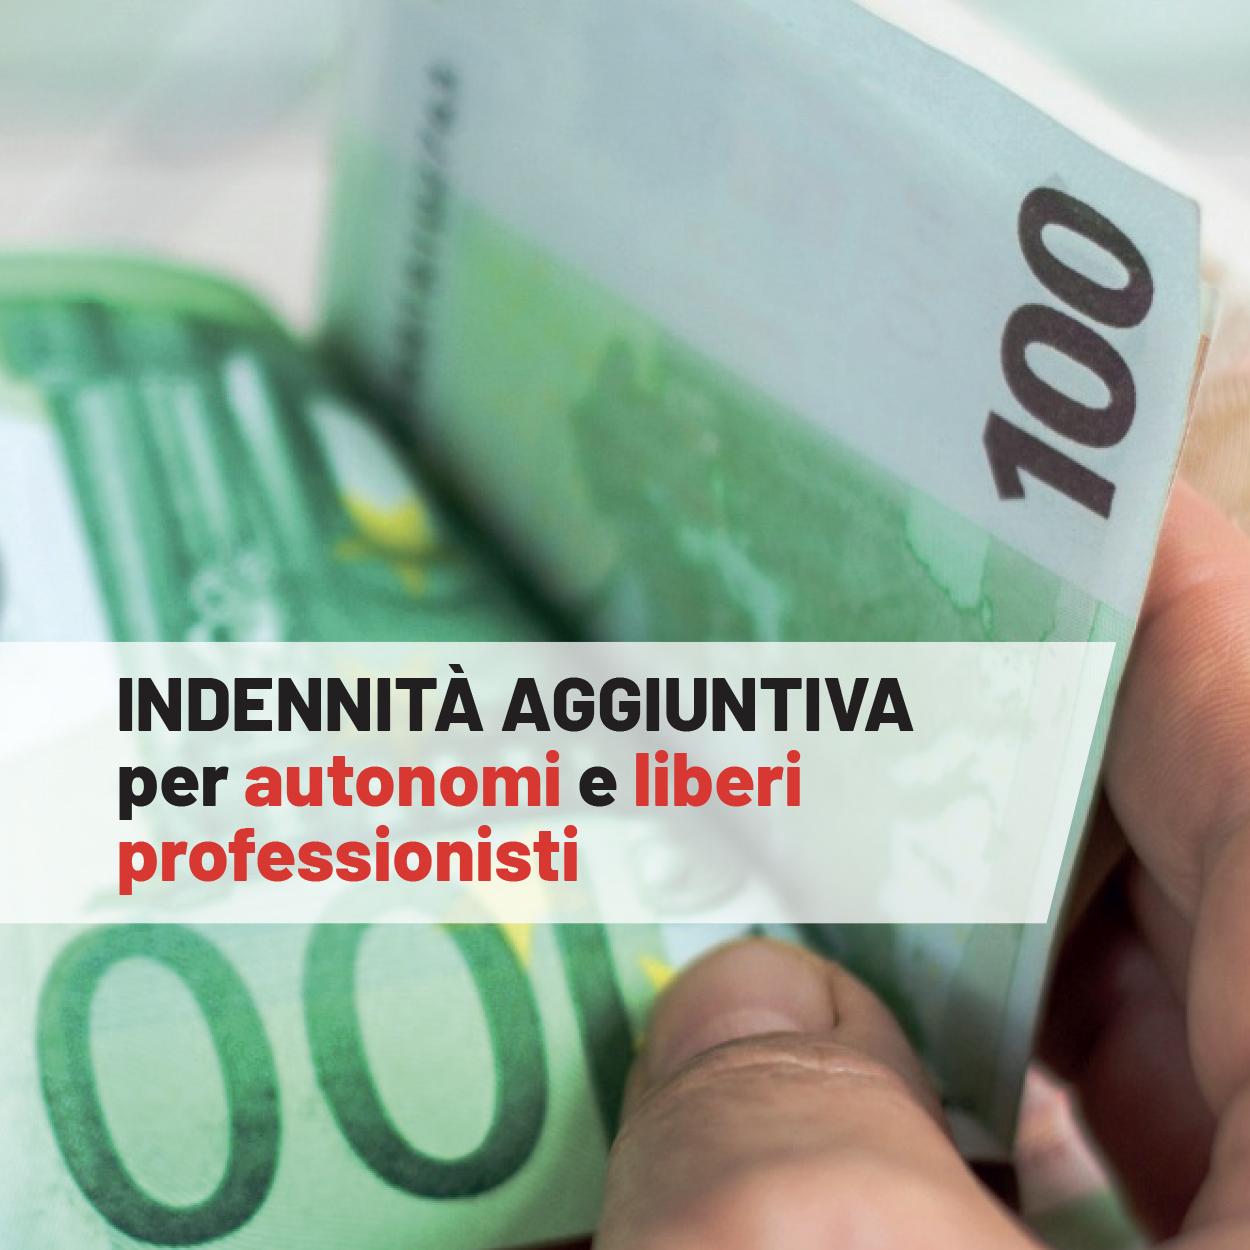 Ex zona rossa: indennità aggiuntiva per i lavoratori autonomi